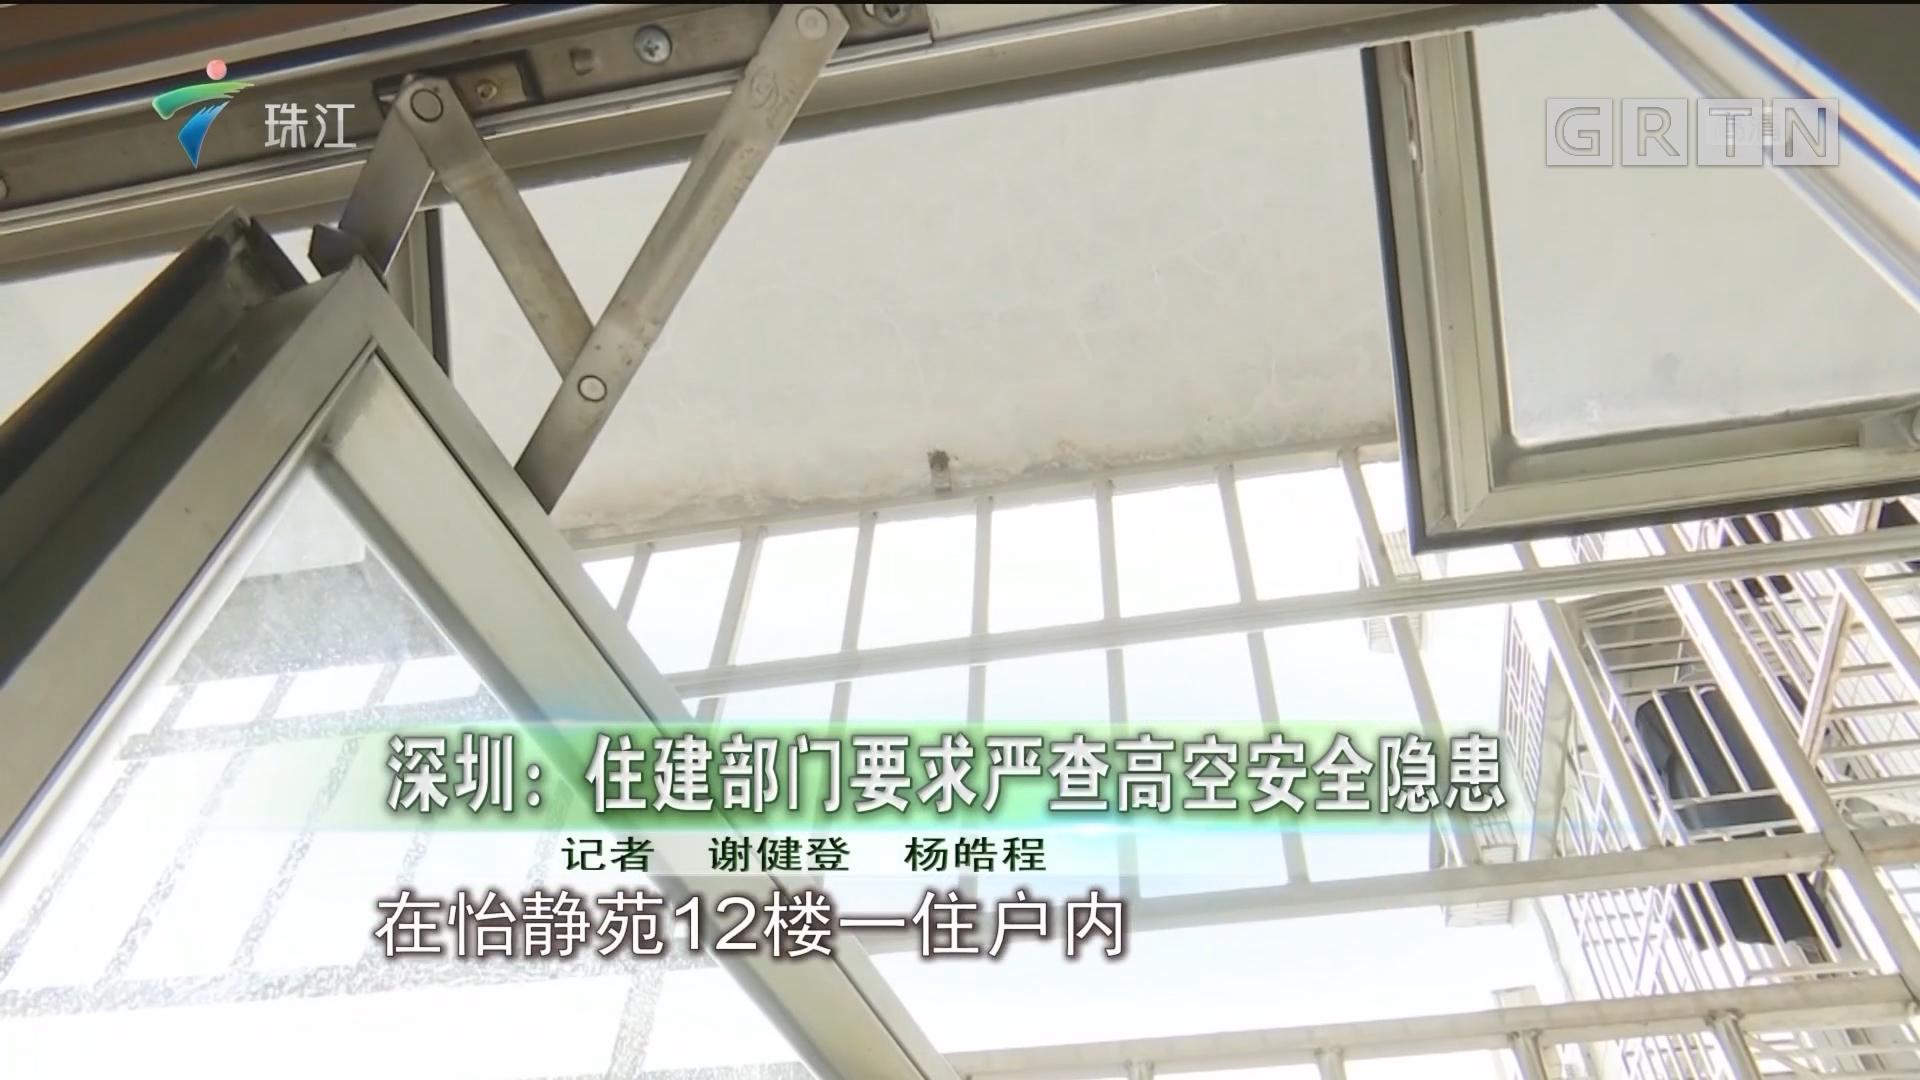 深圳:住建部门要求严查高空安全隐患